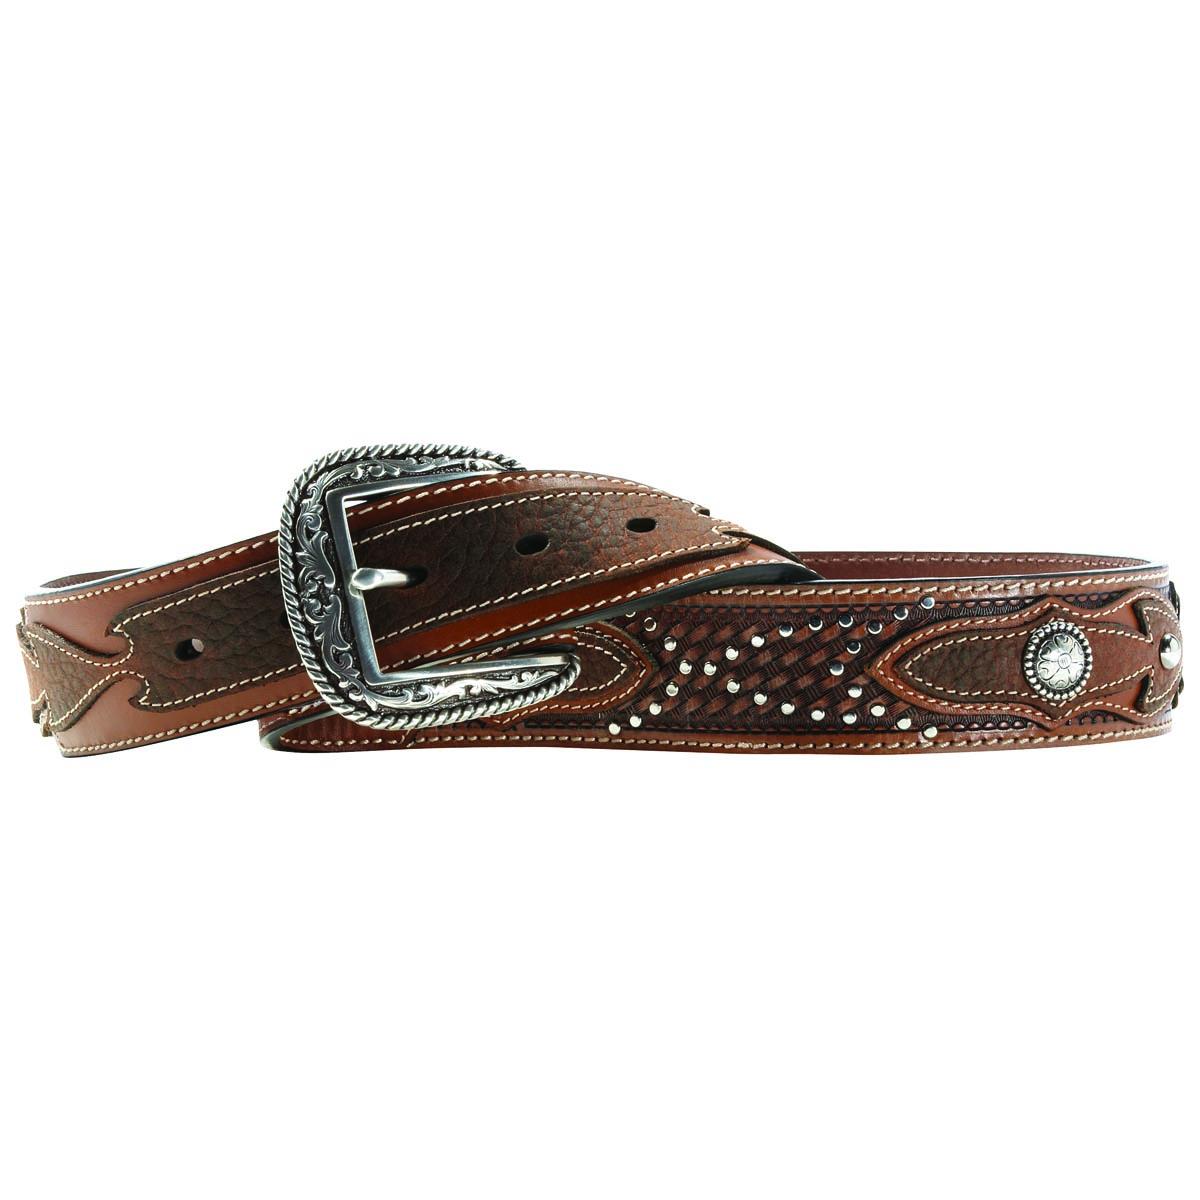 ARIAT Men's Sidewinder Belt